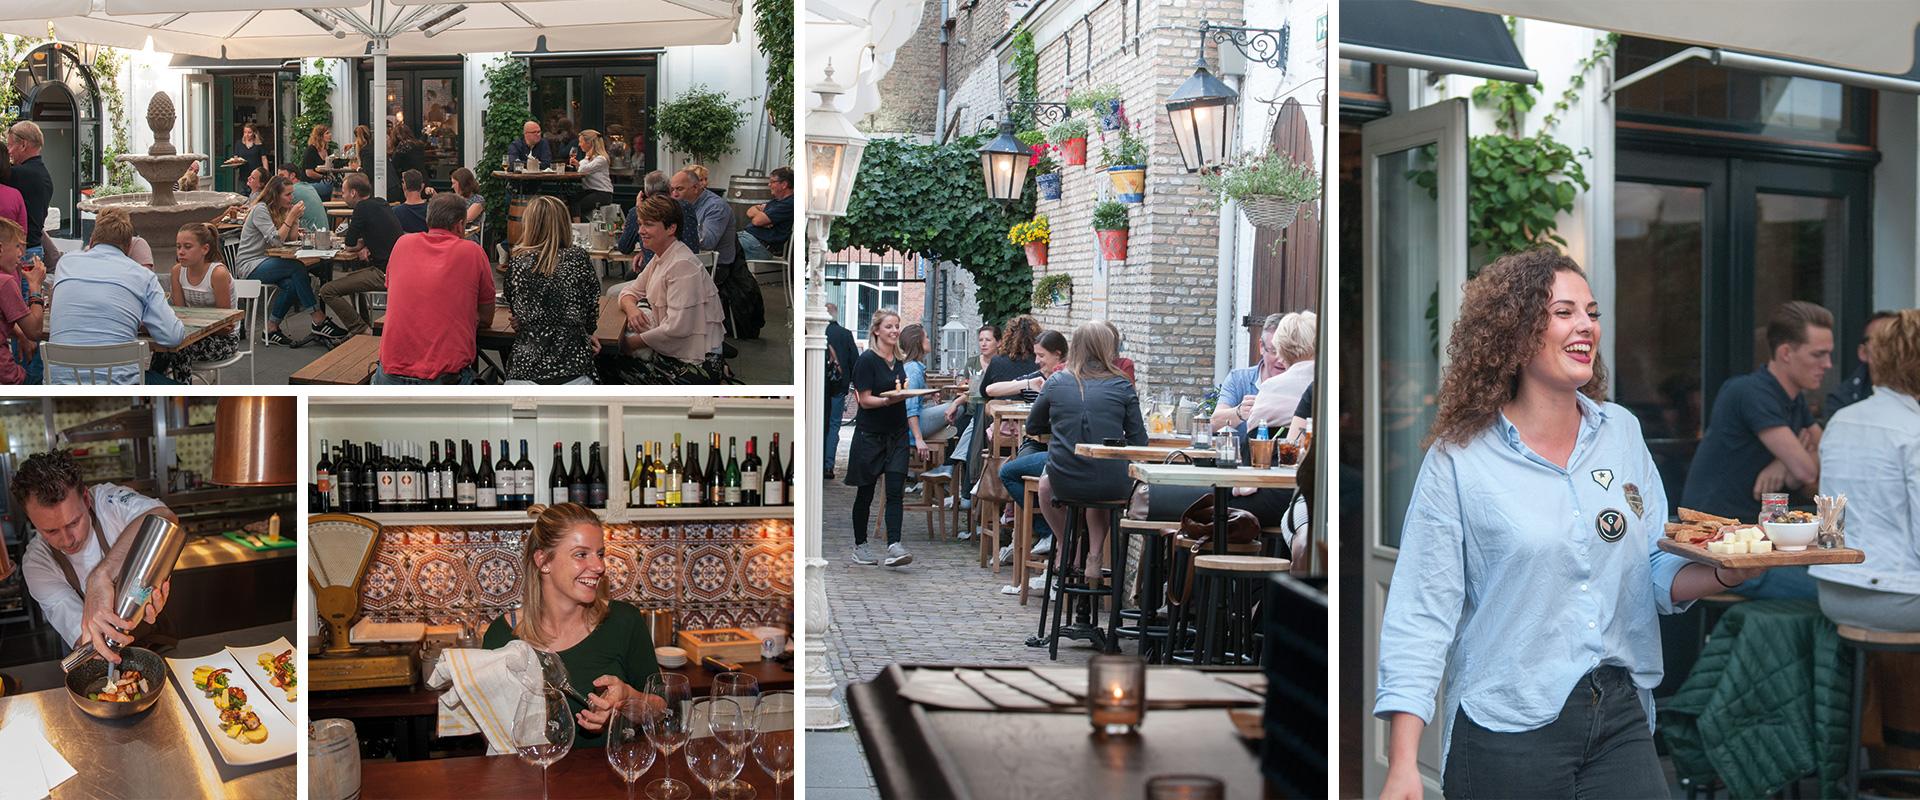 El Patio Breda - Pintxos y Vinos